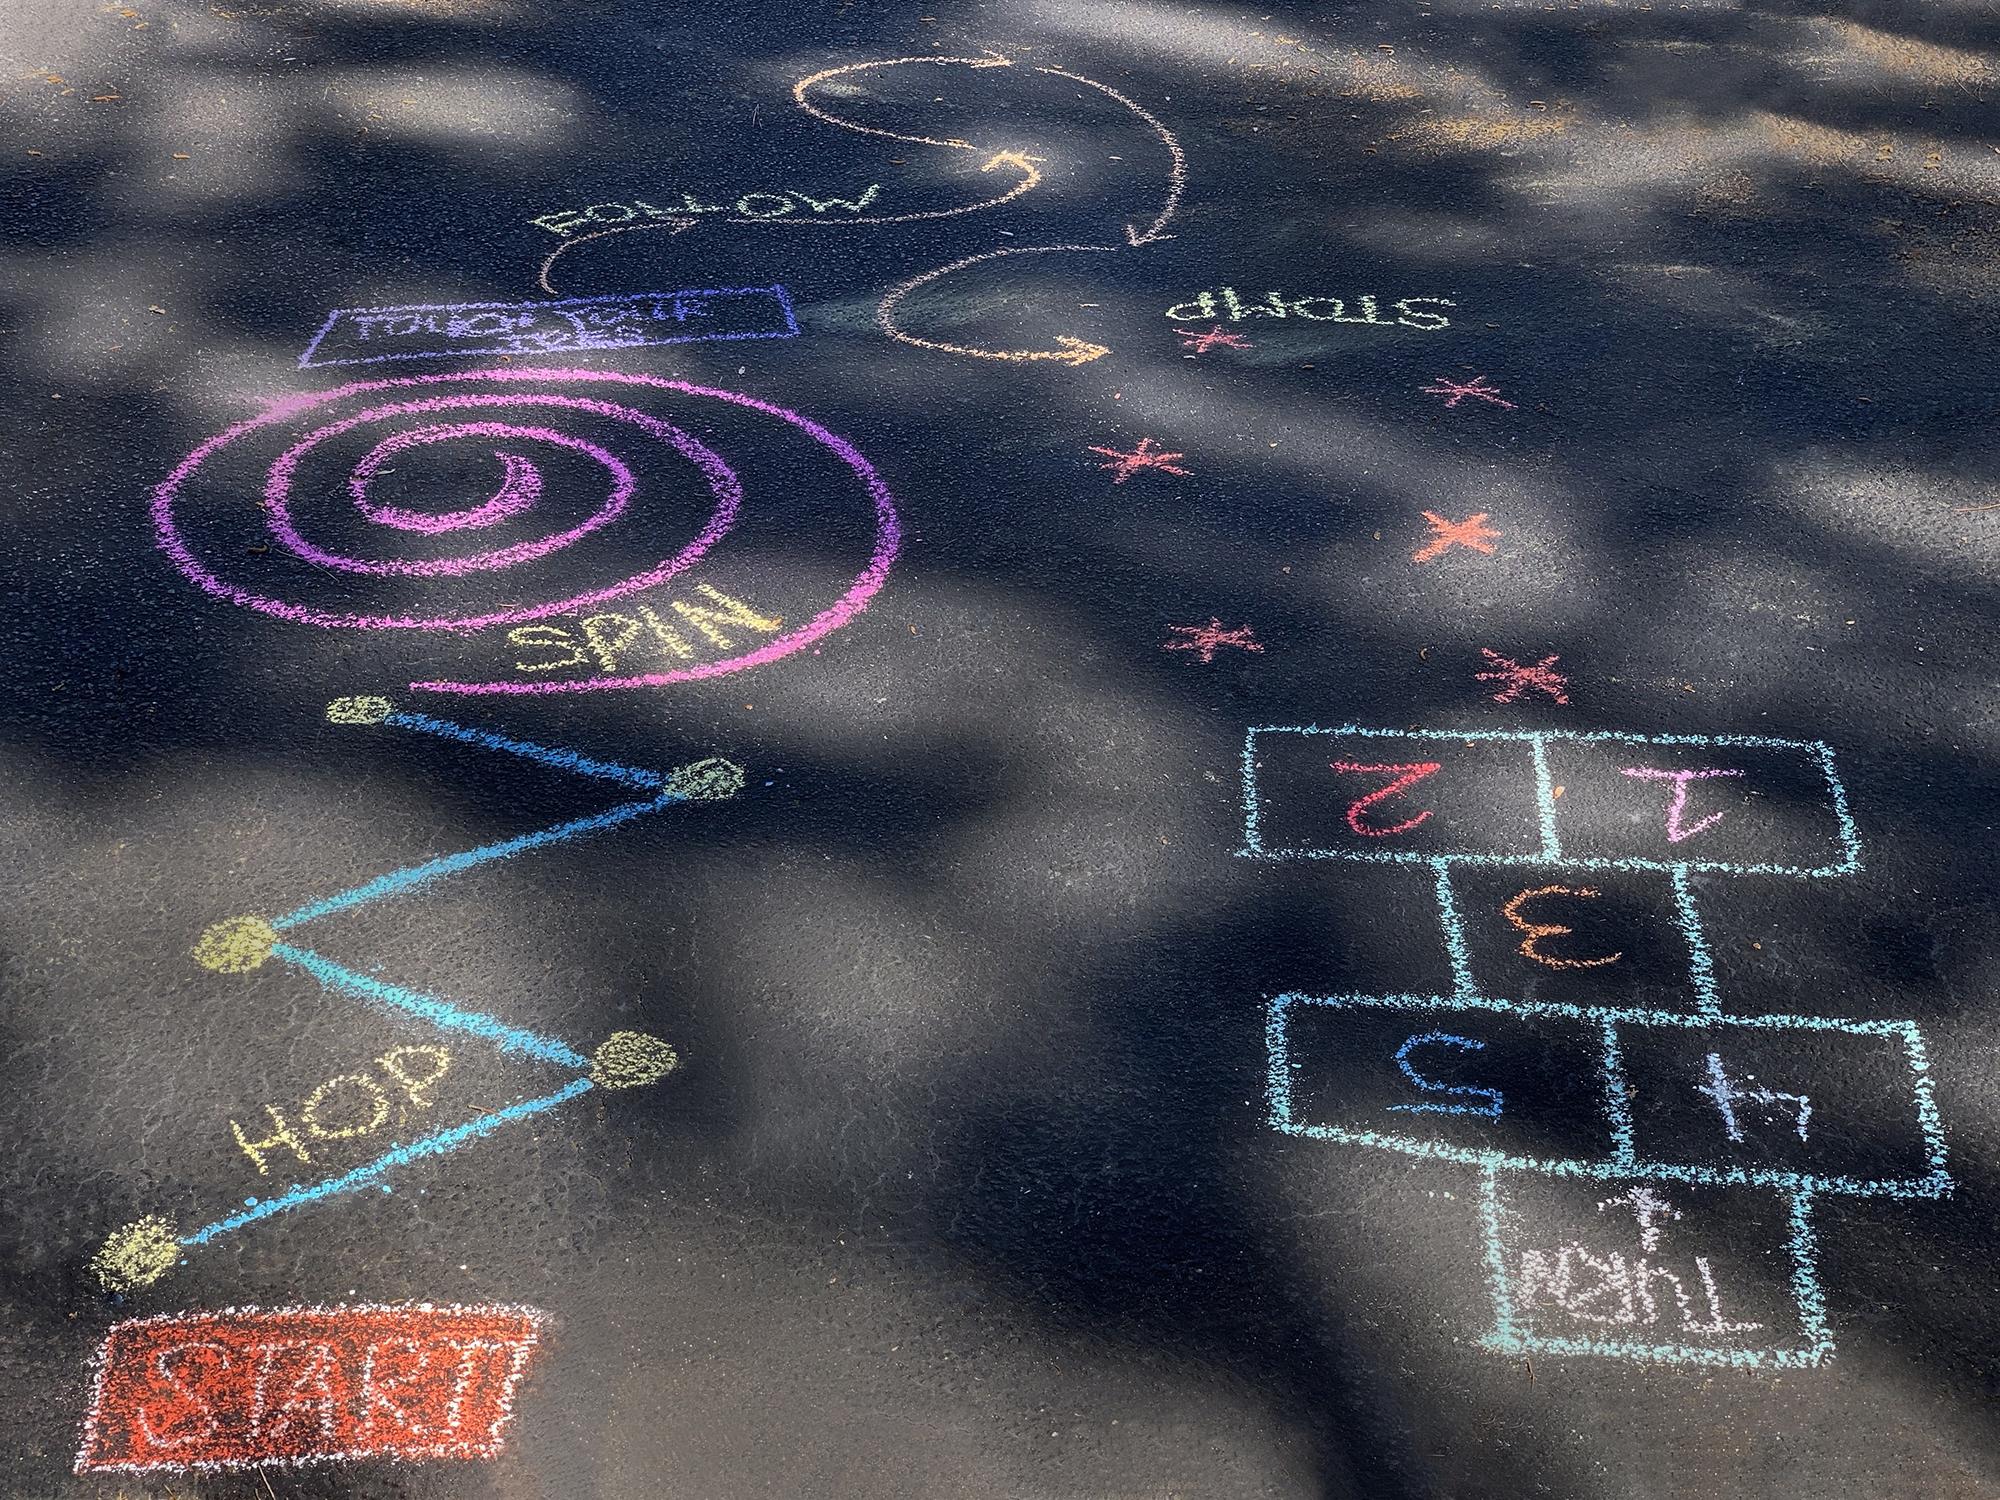 Sidewalk Chalk Activity.jpg